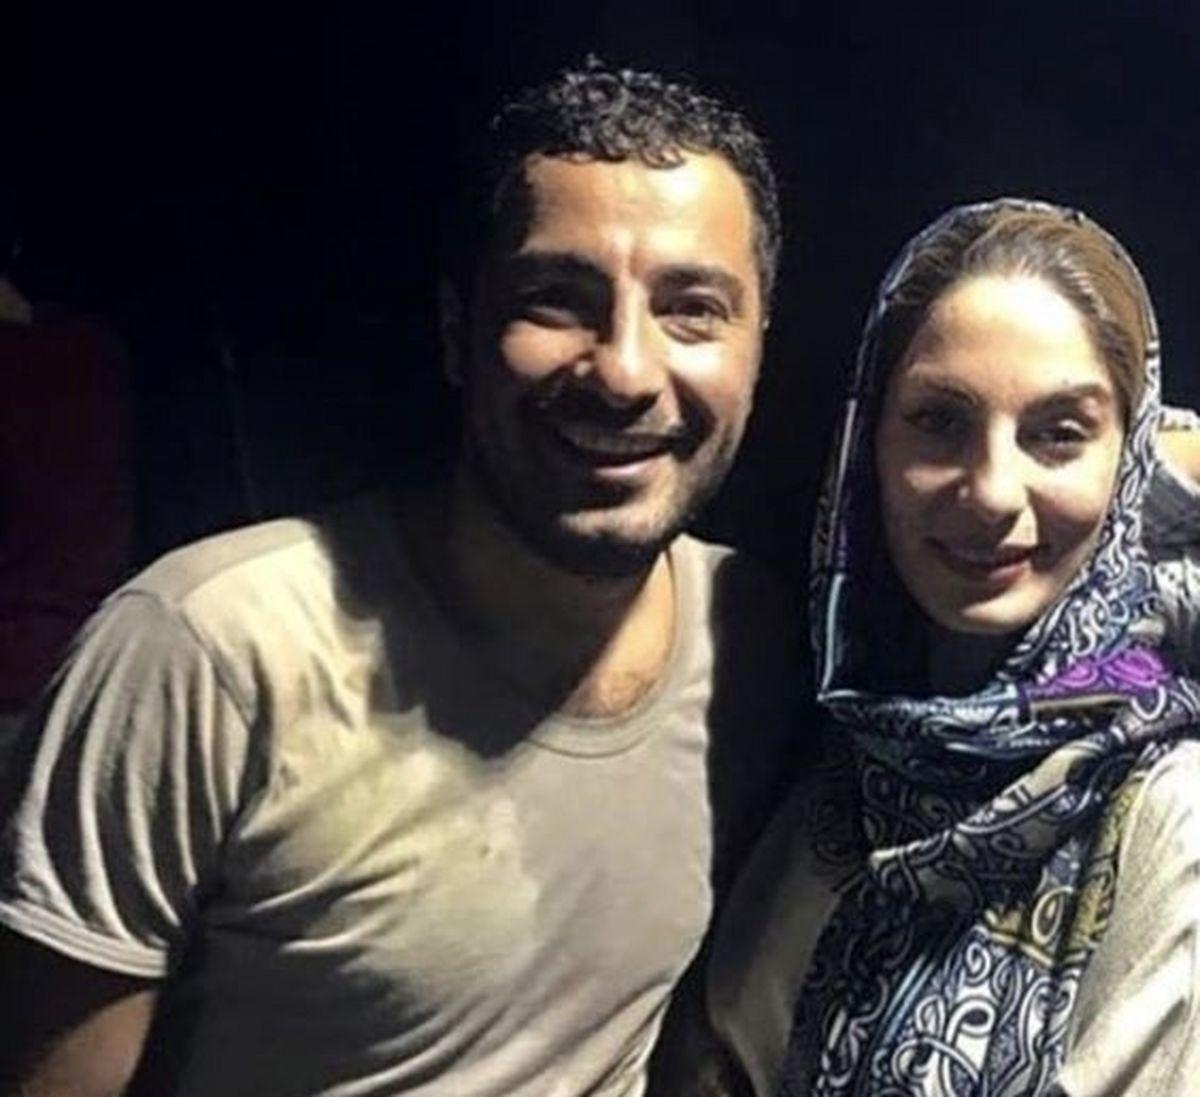 عکس دیده نشده نوید محمدزاده در کنار خواهرش لو رفت !